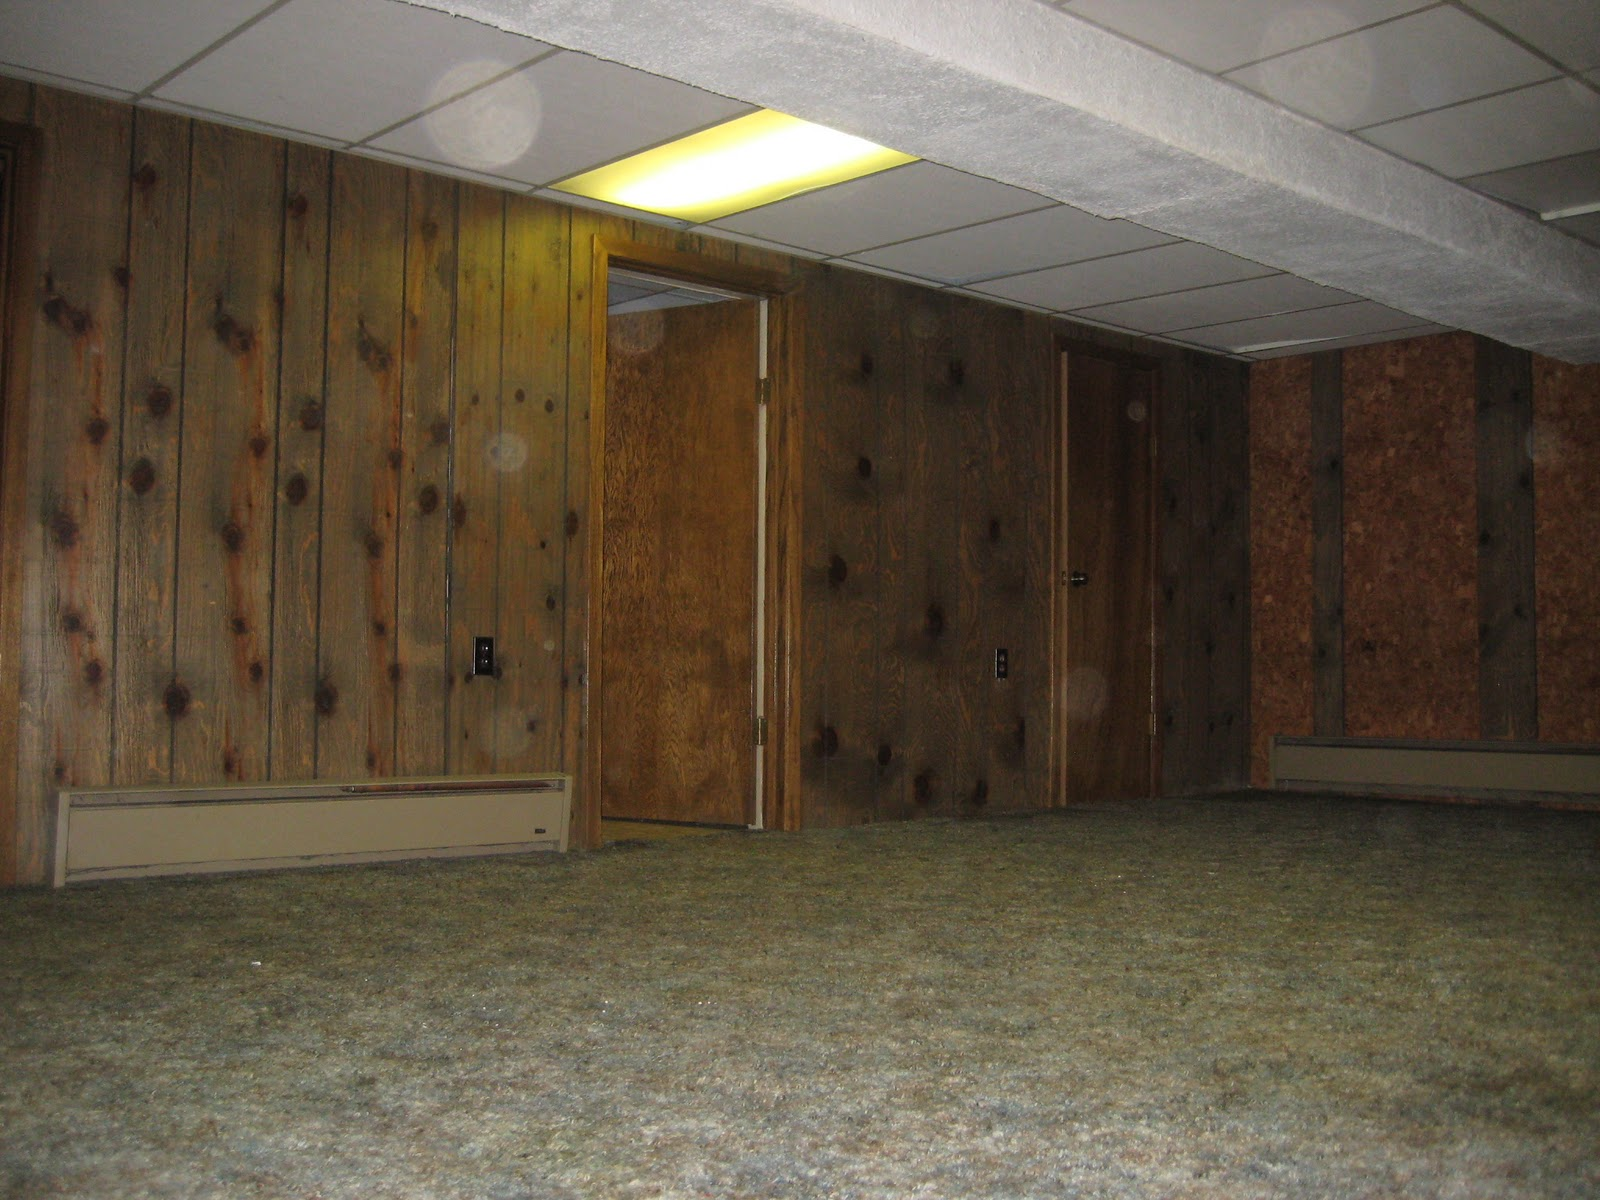 Hansen S Home Renovation Blog Let S Take A Tour